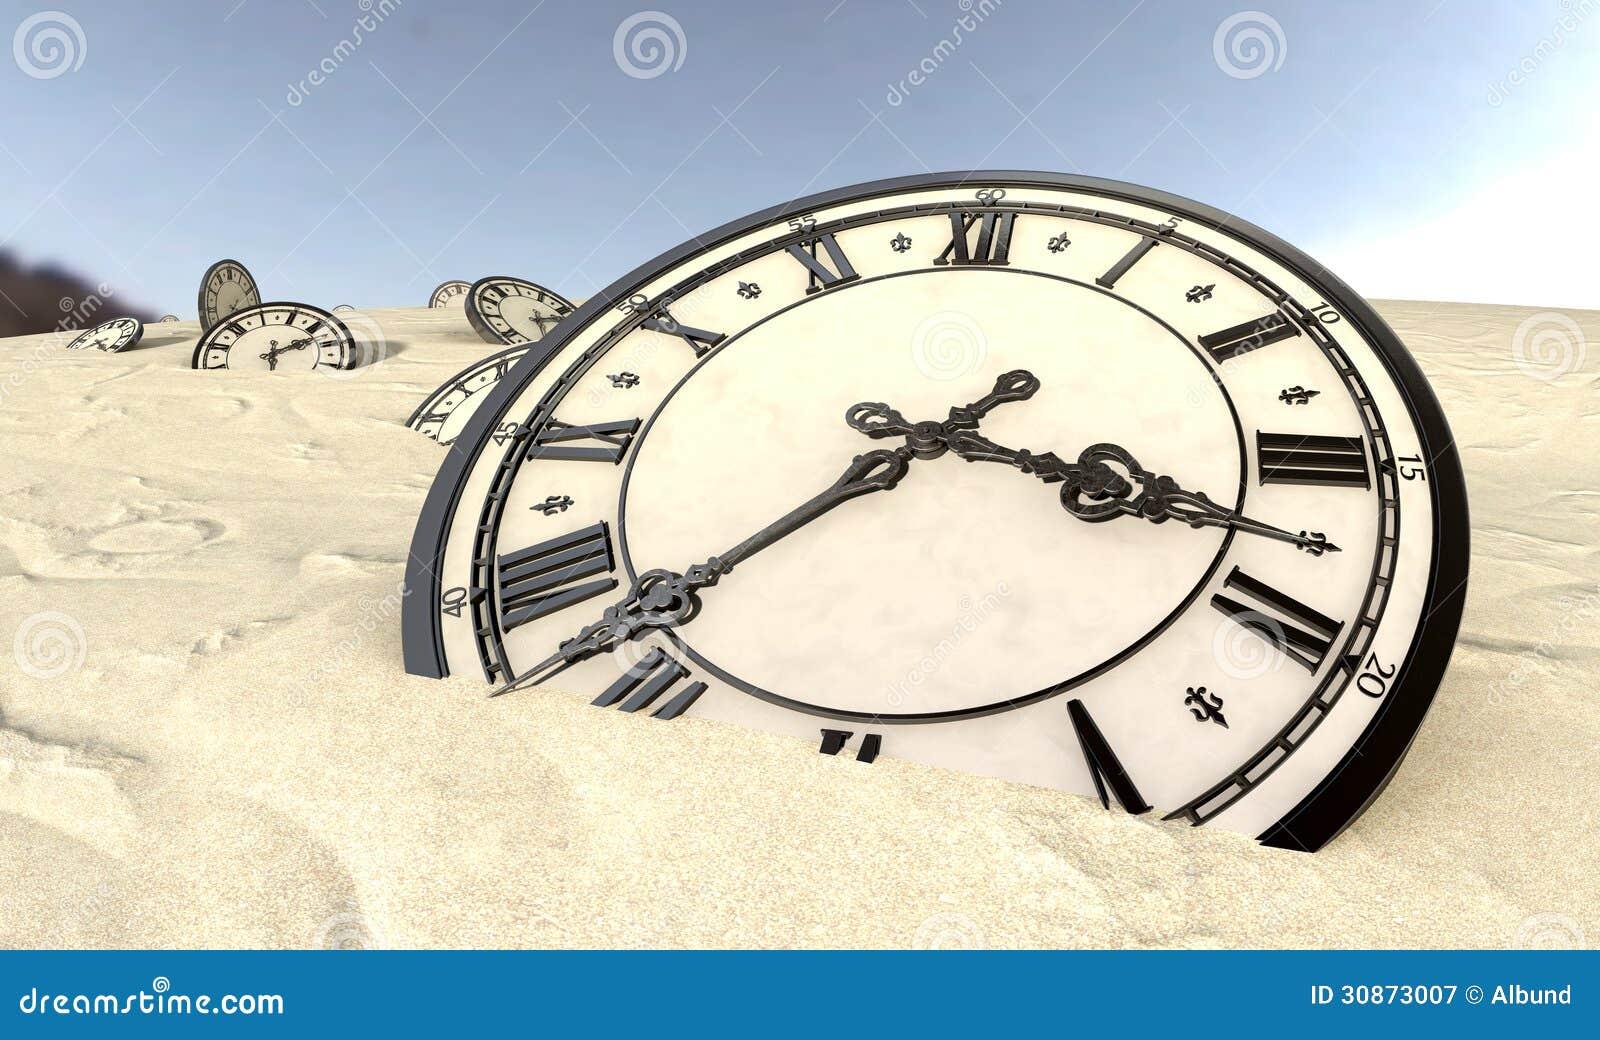 Relojes Antiguos En Primer De La Arena Del Desierto Imagen De